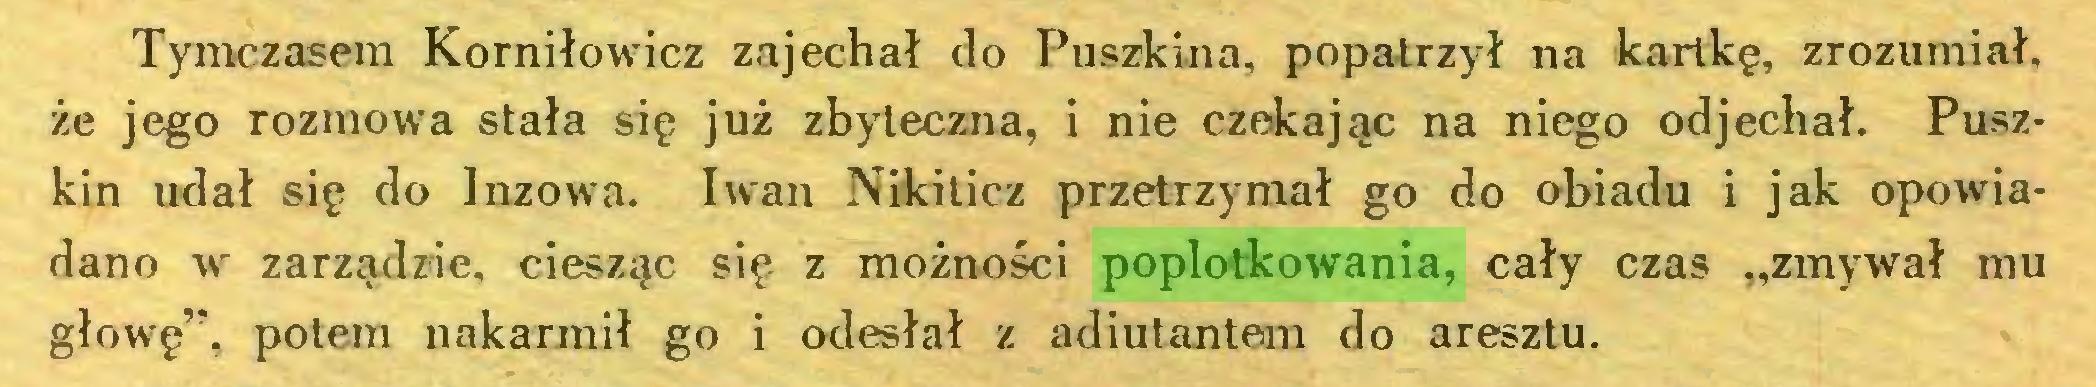 """(...) Tymczasem Korniłowicz zajechał do Puszkina, popatrzył na kartkę, zrozumiał, że jego rozmowa stała się już zbyteczna, i nie czekając na niego odjechał. Puszkin udał się do Inzowa. Iwan Nikiticz przetrzymał go do obiadu i jak opowiadano w zarządzie, ciesząc się z możności poplotkowania, cały czas """"zmywał mu głowę"""", potem nakarmił go i odesłał z adiutantem do aresztu..."""